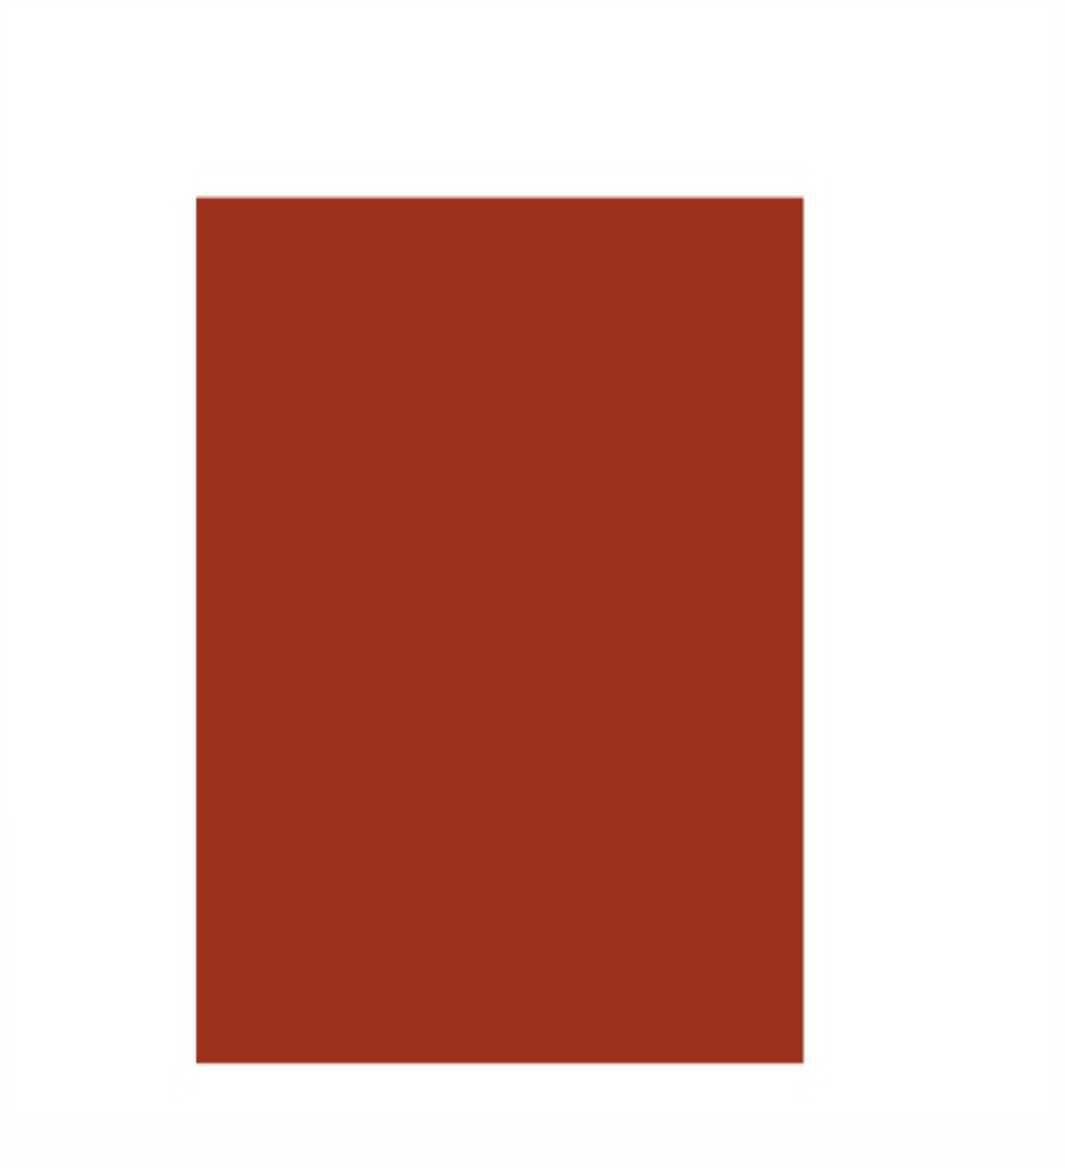 Folha Colorida - Vermelho Escuro 11709 - Vidro